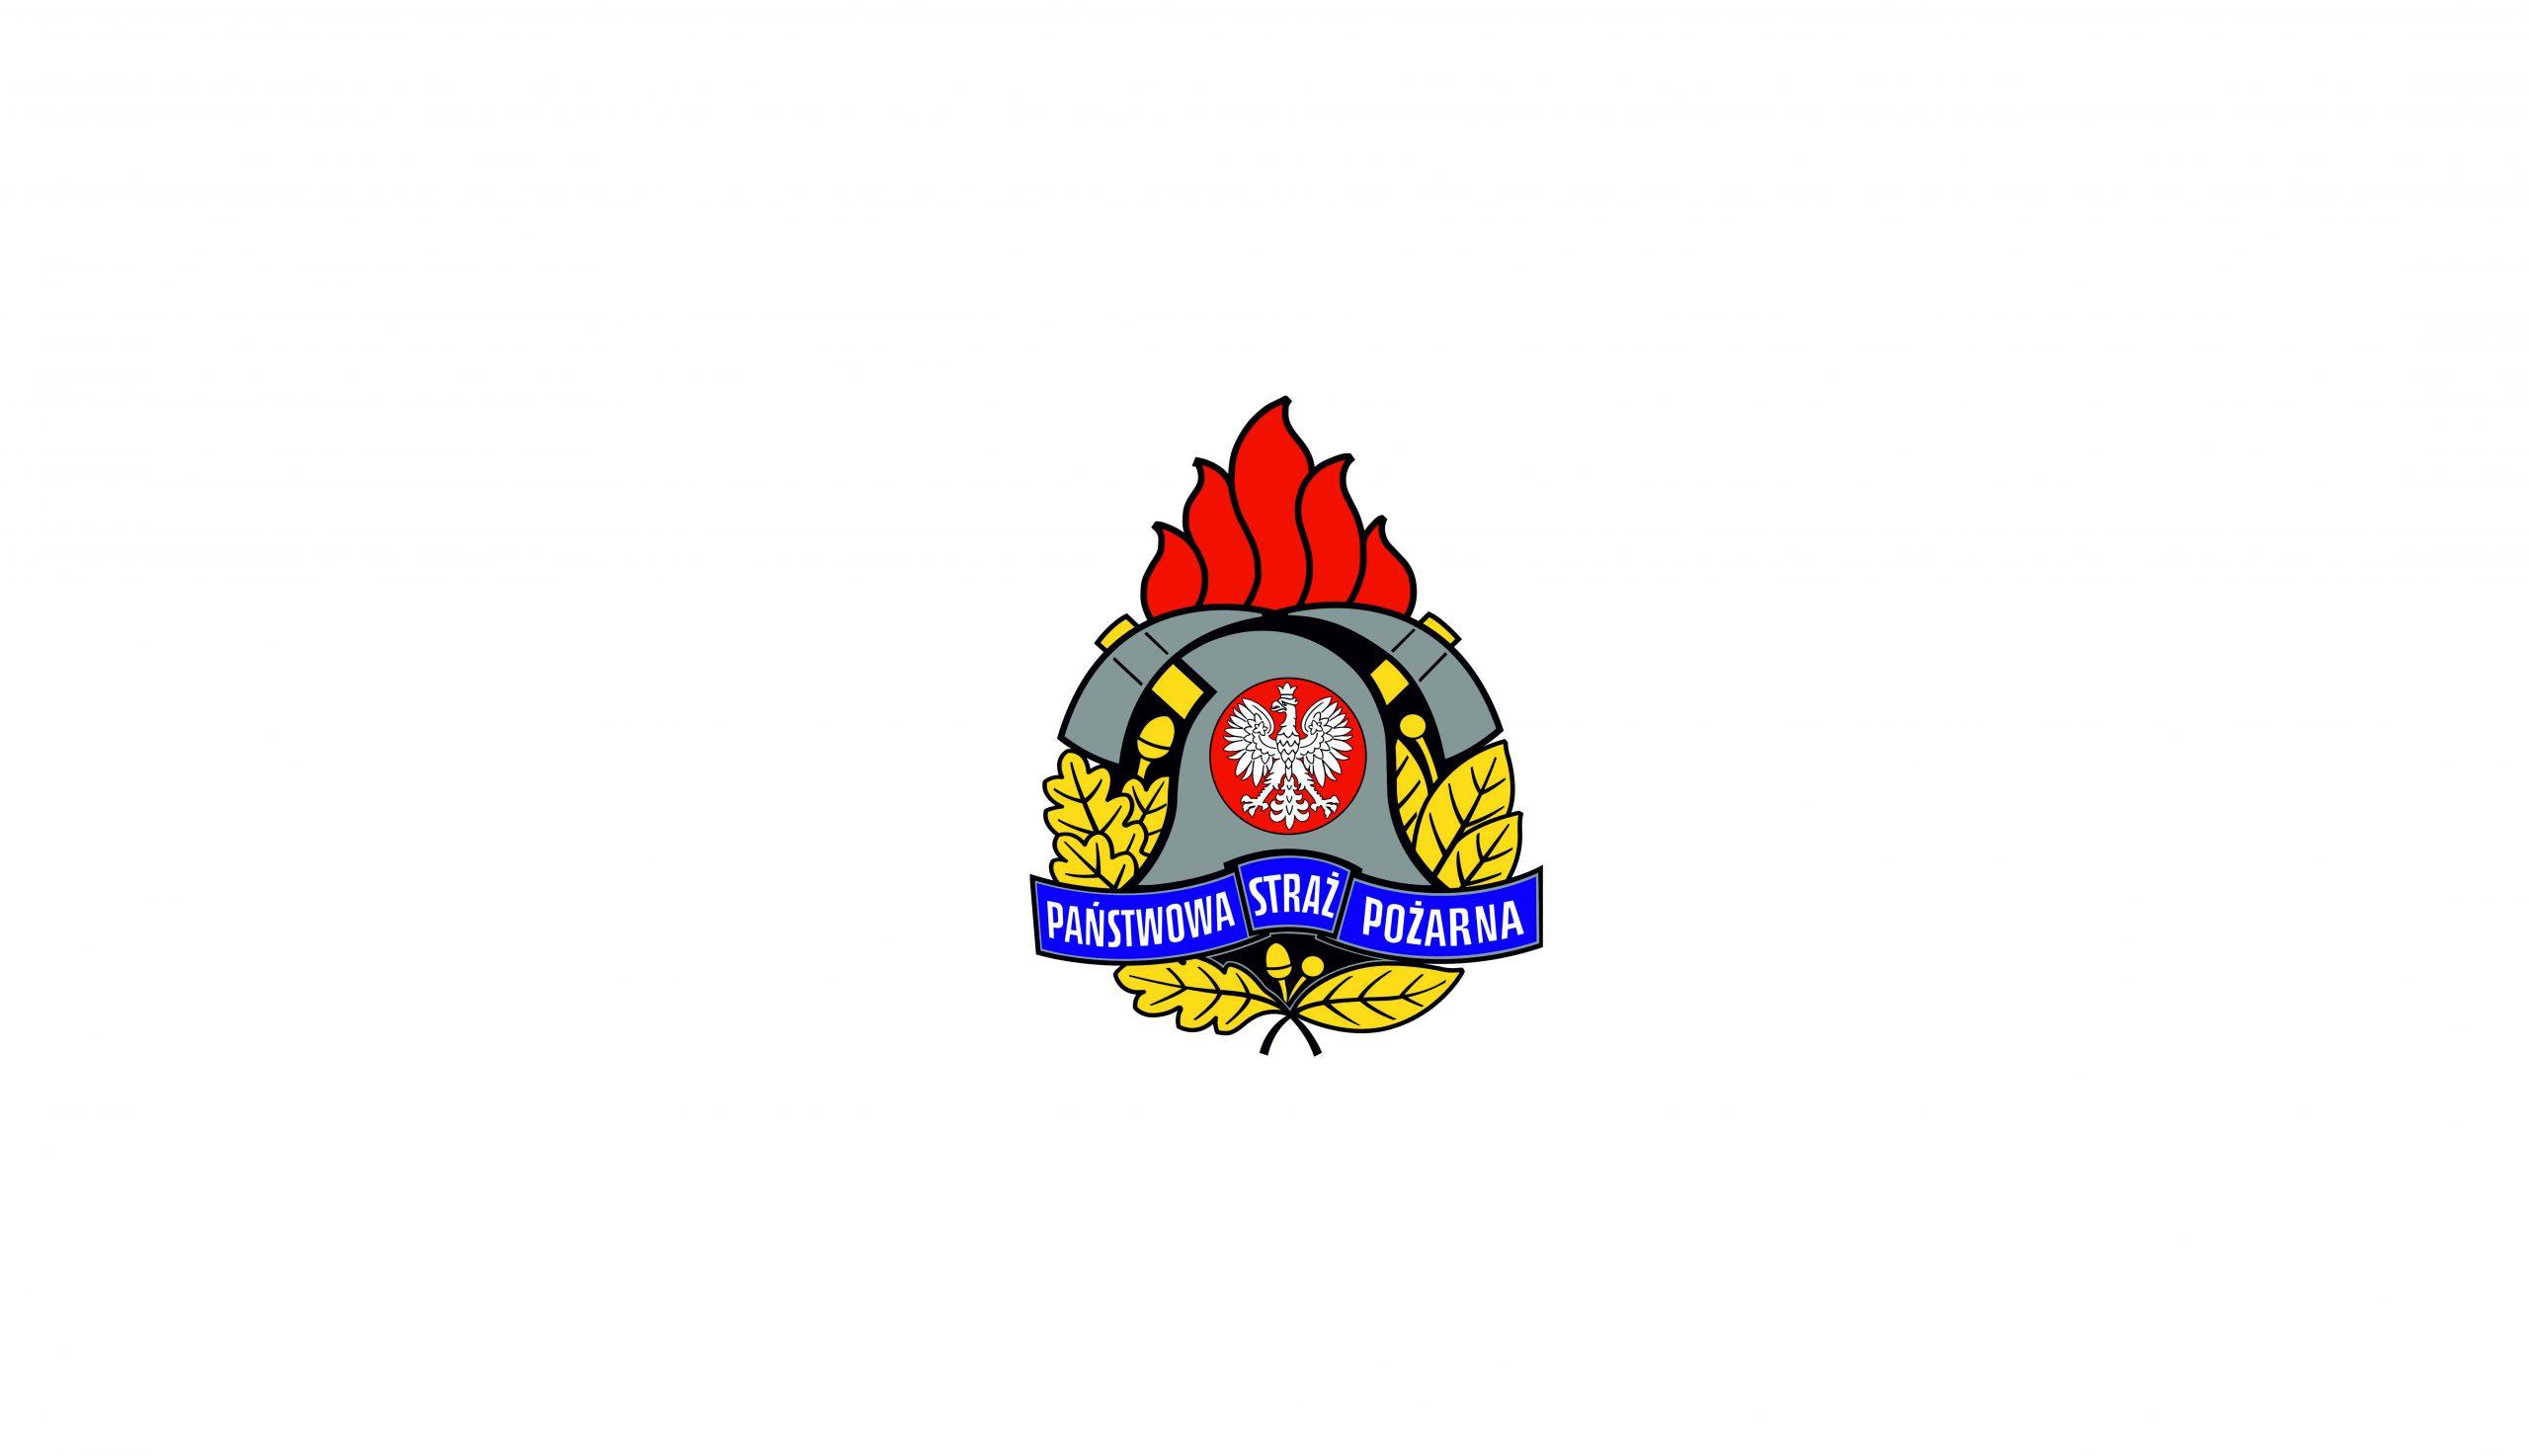 Prelekcja w Jednostce Wojskowej Straży Pożarnej w Grupie koło Grudziądza – 12.12.2018 r.